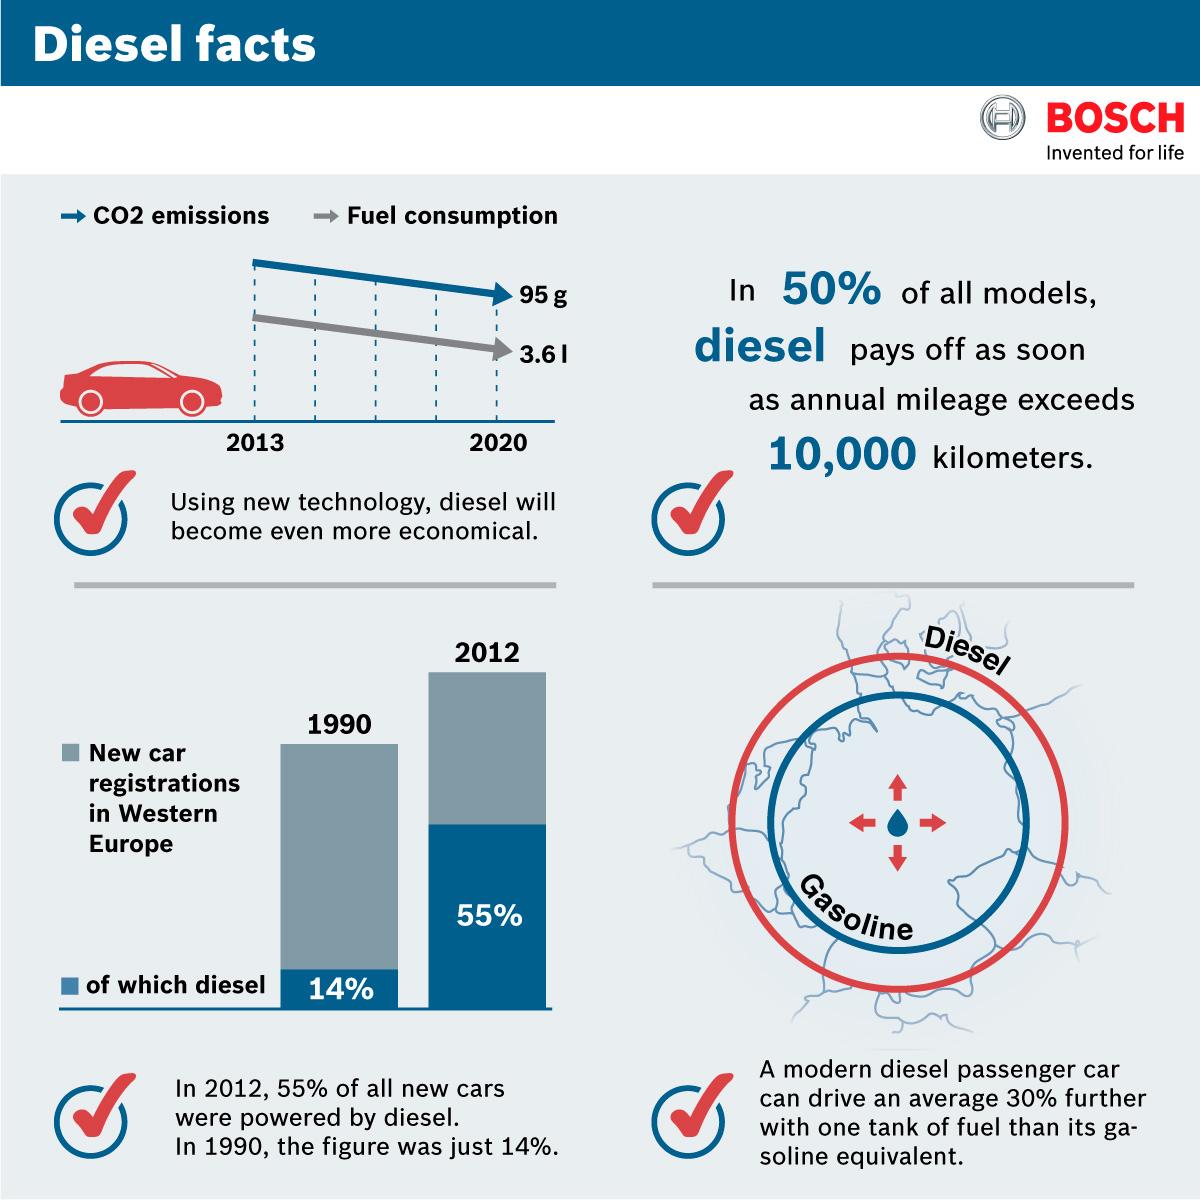 Diesel facts